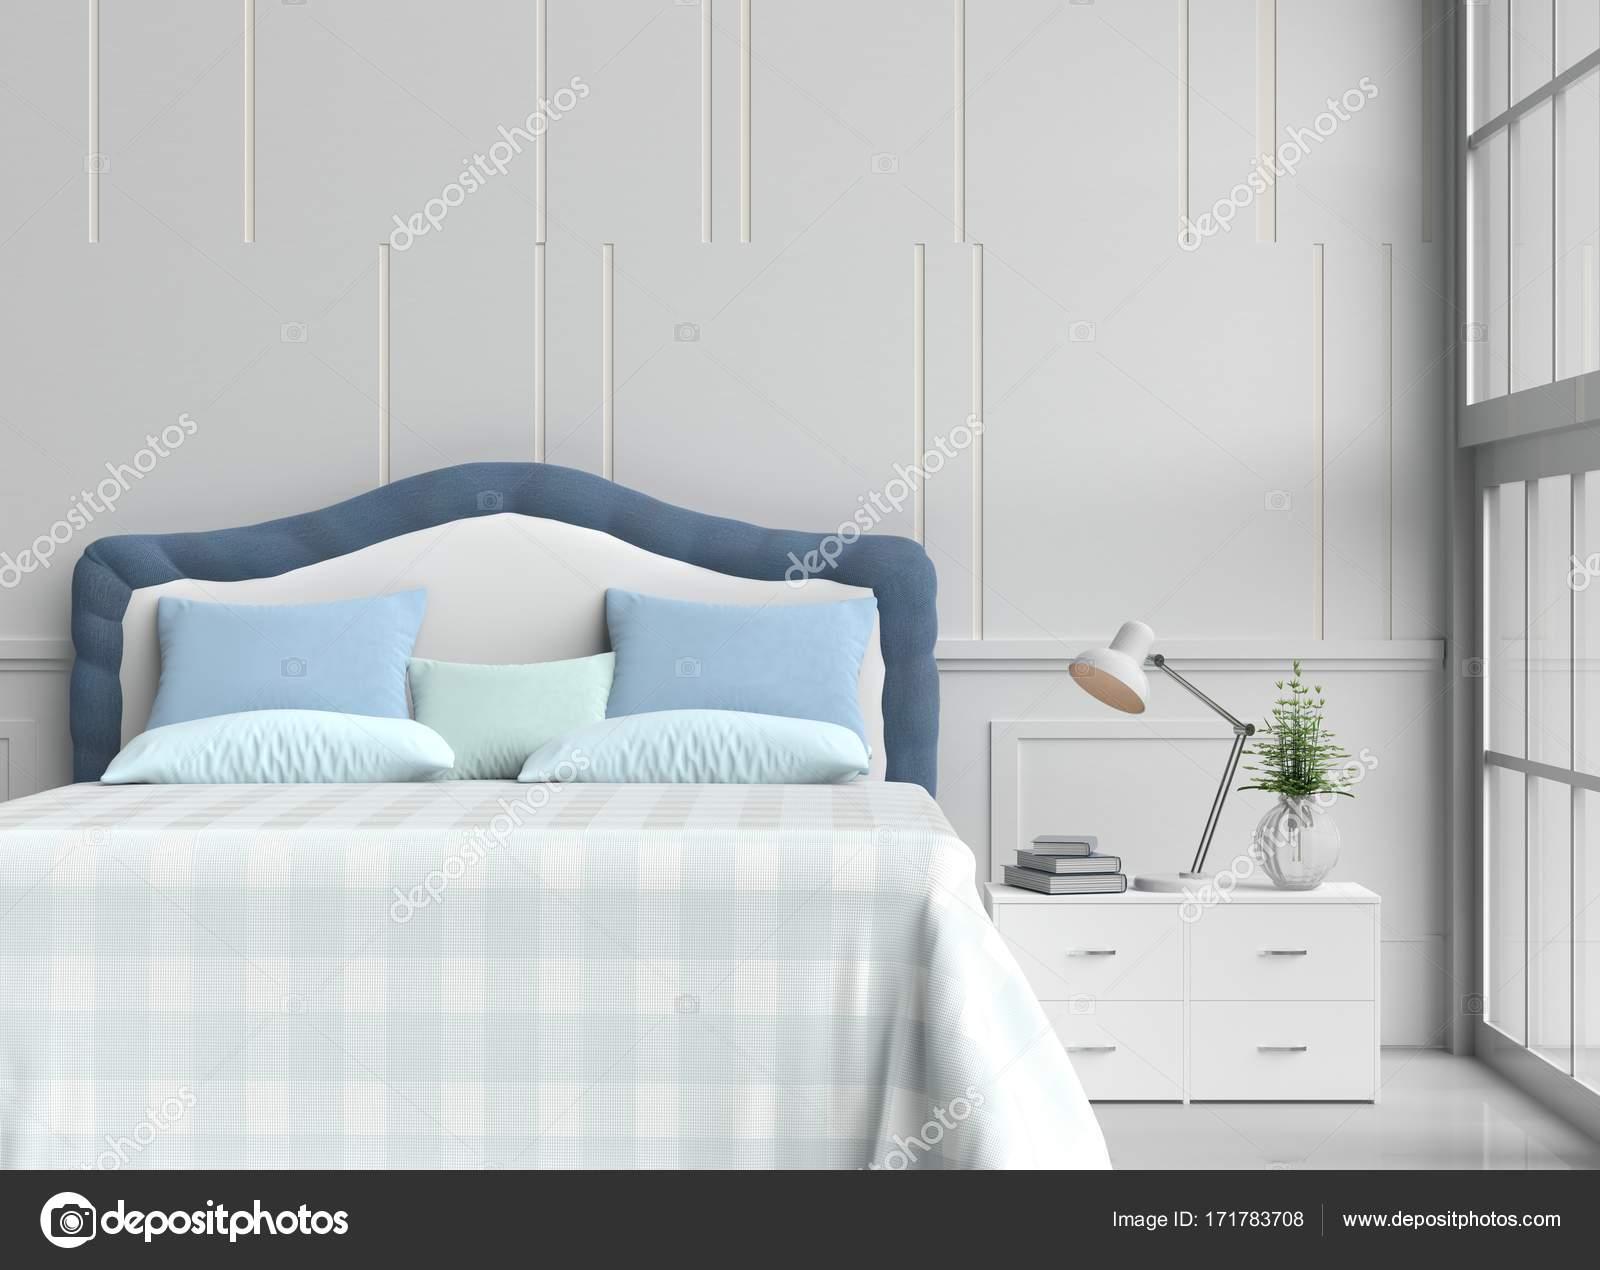 Slaapkamer Groen Wit : Slaapkamer ingericht met boom in glazen vaas blauw groene